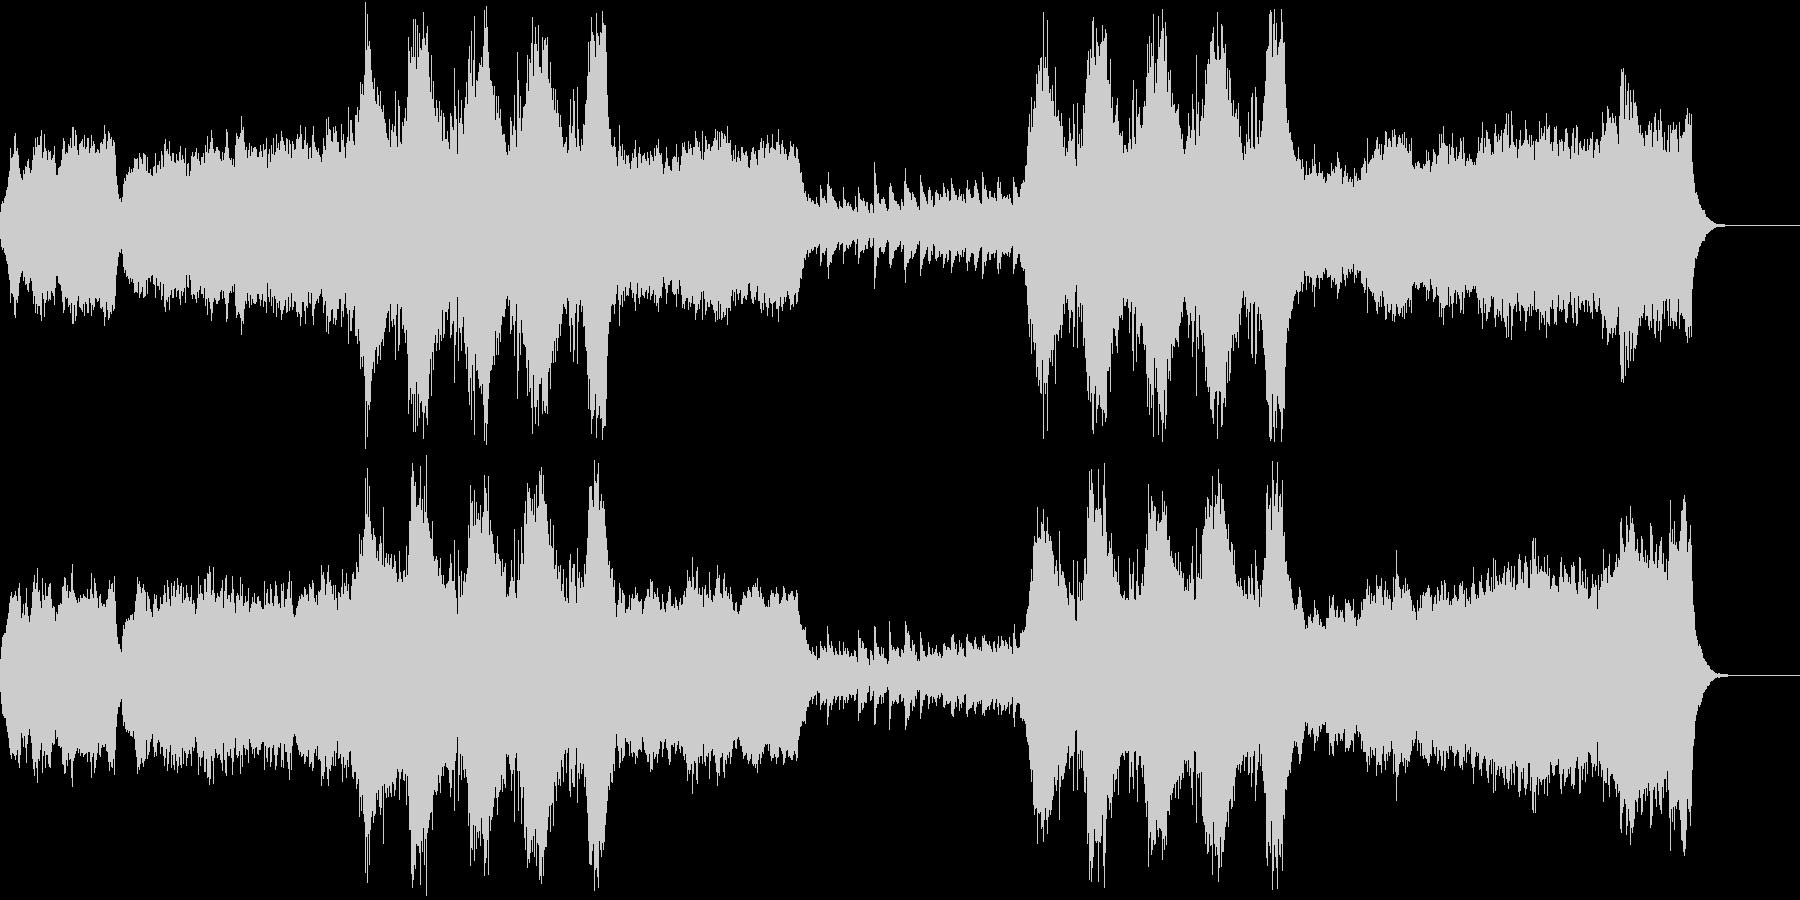 シリアスな、暗い雰囲気の教会音楽の未再生の波形